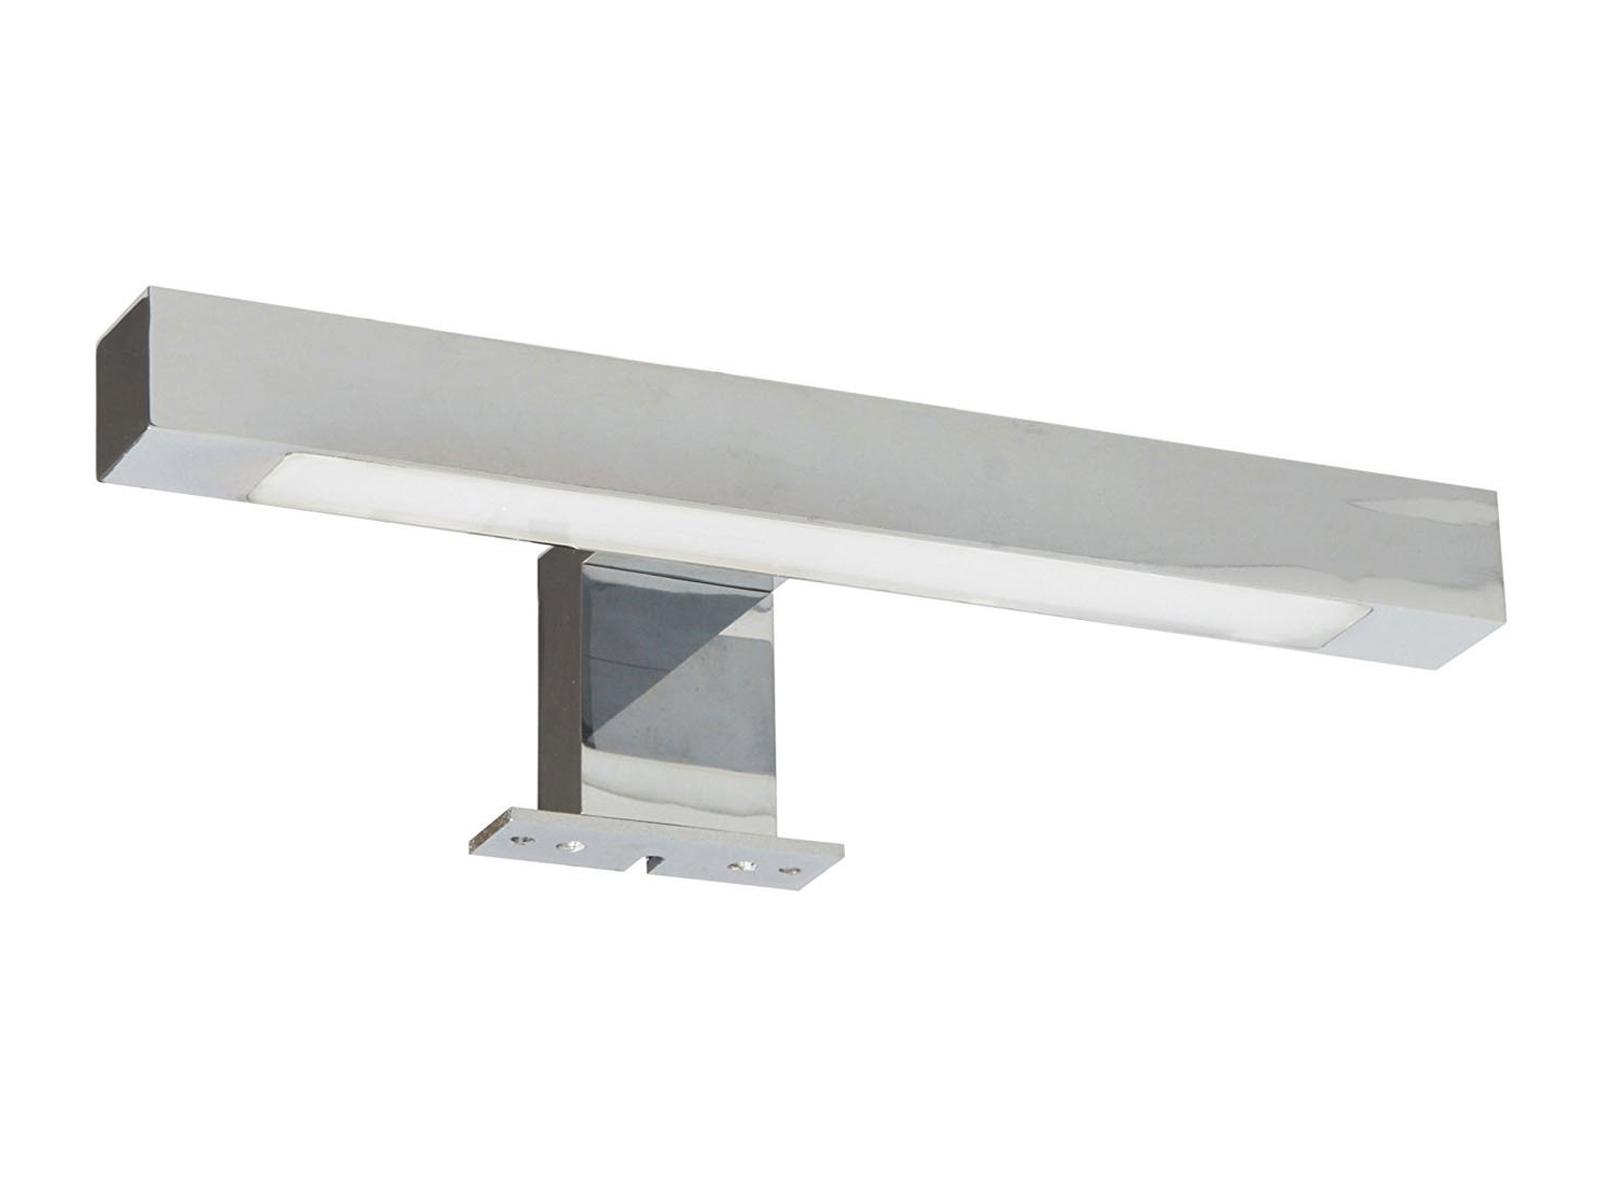 LED Spiegelleuchte 30cm fürs Badezimmer, Spiegellampe IP44 Chrom ...